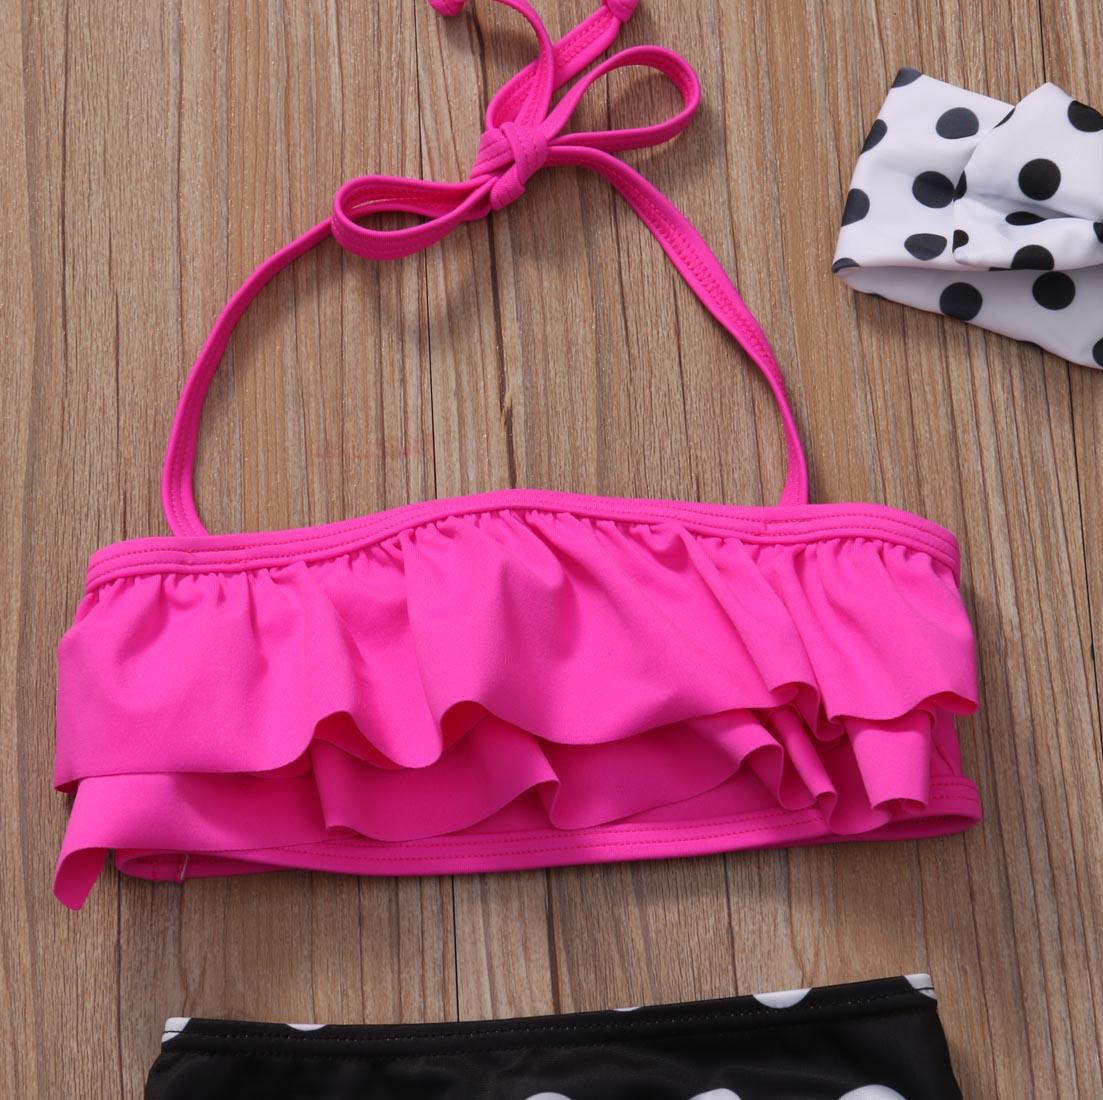 Niñas de dos piezas de lunares traje de baño niños bebé niña - Ropa deportiva y accesorios - foto 4